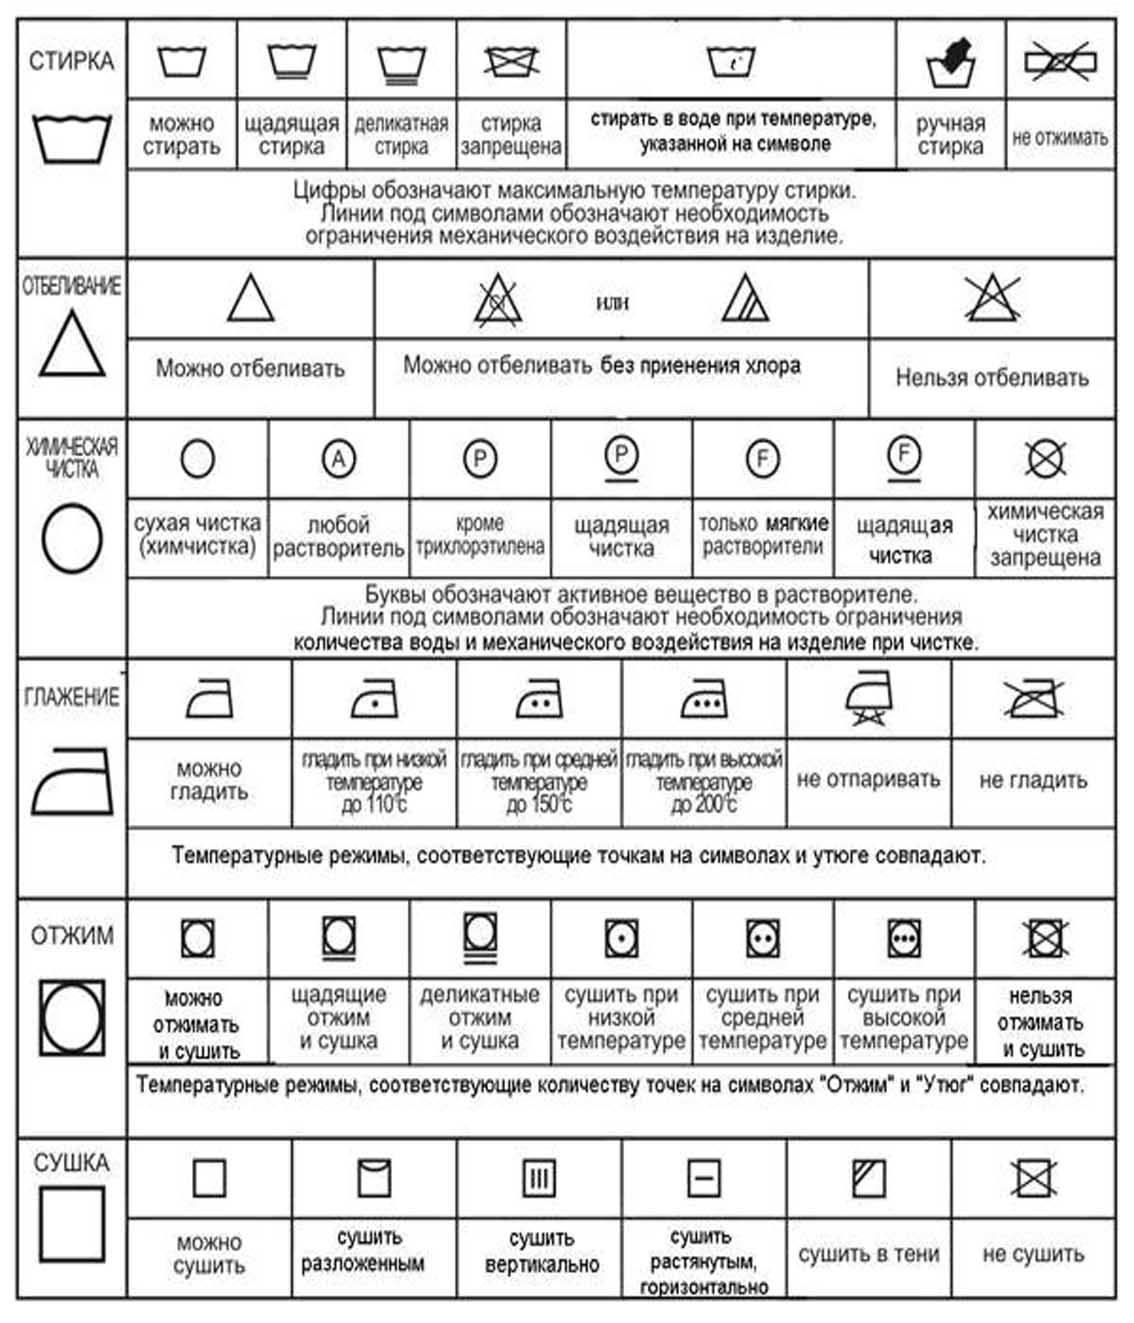 Сводная таблица значков на одежде